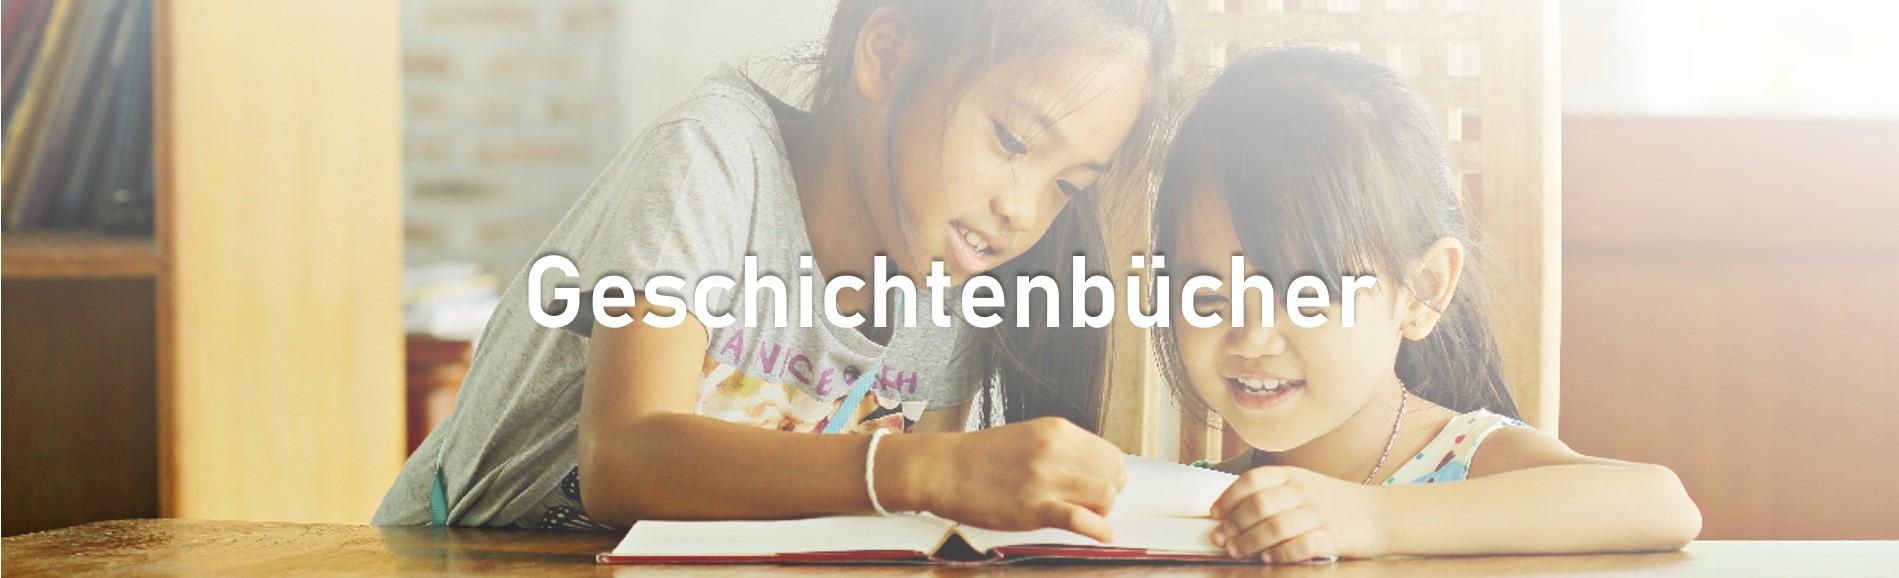 Top-Banner_Kids_Geschichtenbucher_Statisch